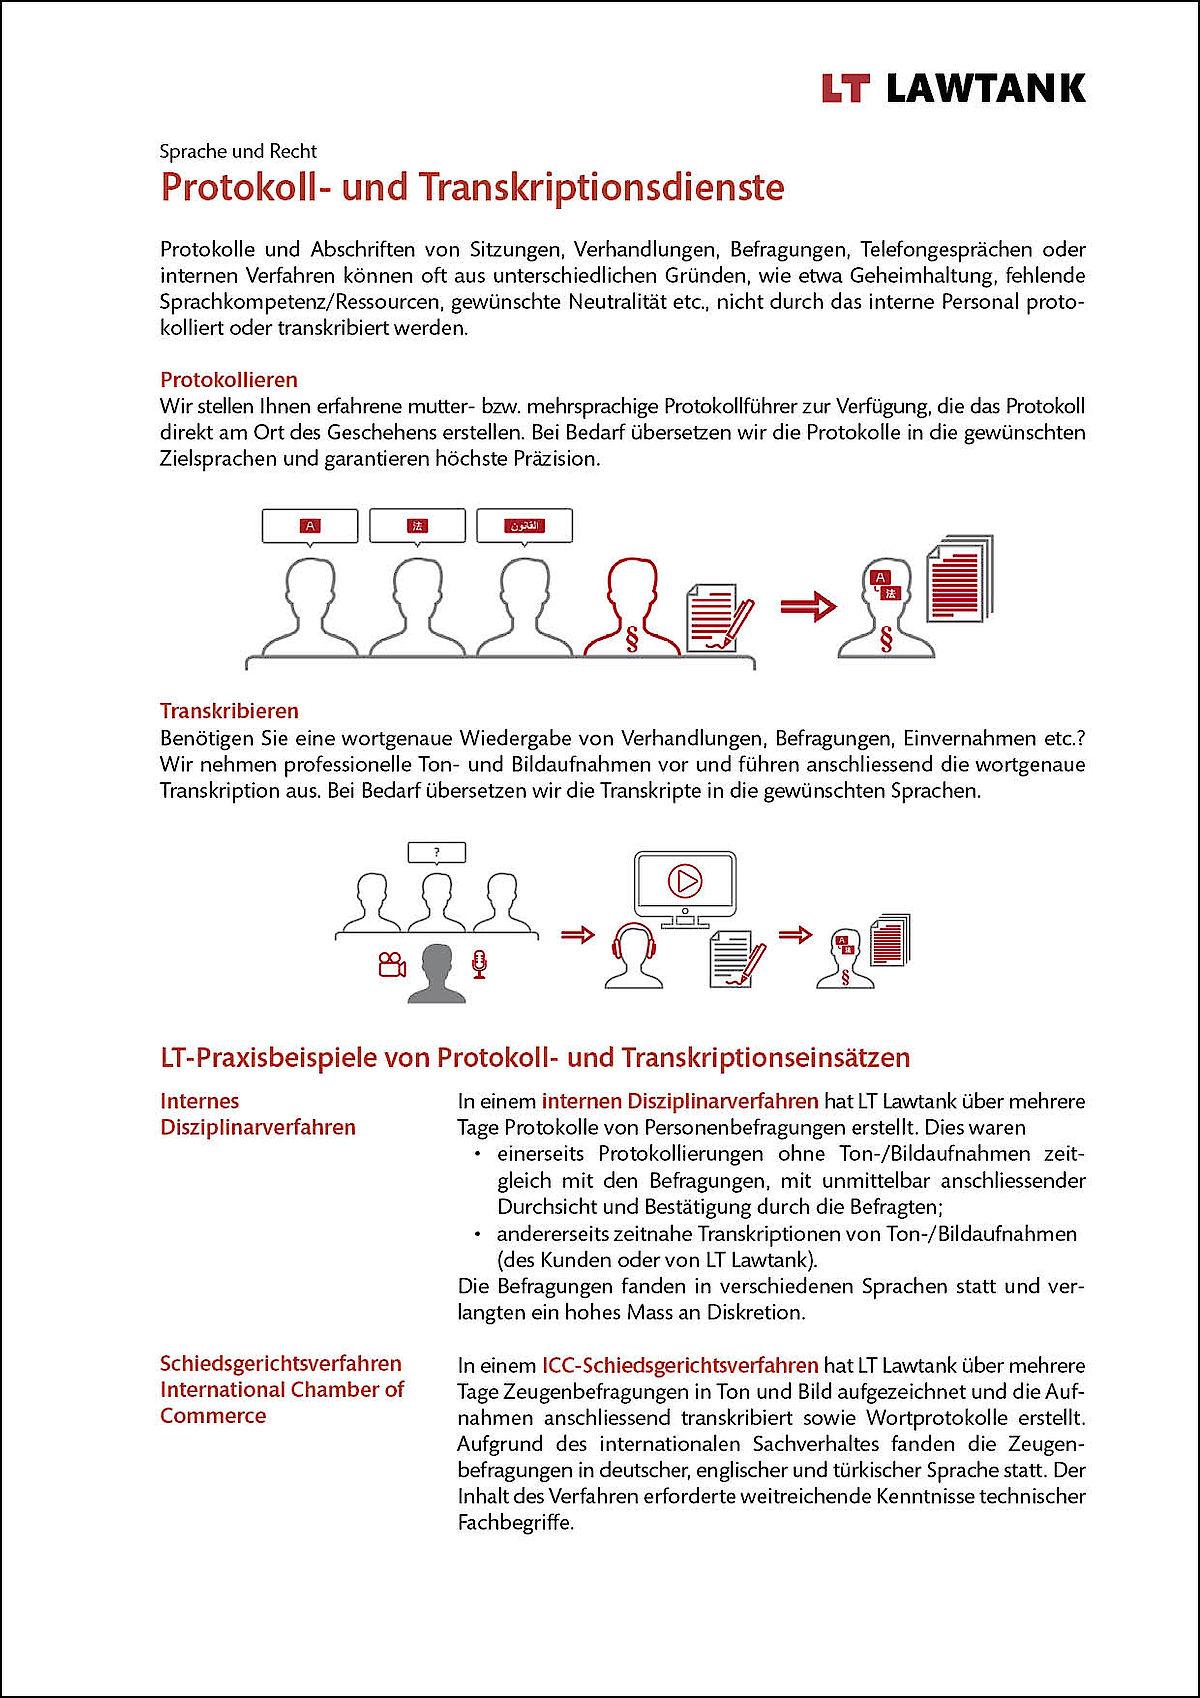 LT Lawtank - Protokoll- und Transkriptionsdienste - protokollieren von Verwaltungsratssitzungen, Geschäftsleitungssitzungen, Projektgremiumssitzungen, Disziplinarverfahren, Verfahren von Fachkommissionen - transkribieren von Sitzungen, Verhandlungen, Befragungen, Einvernahmen